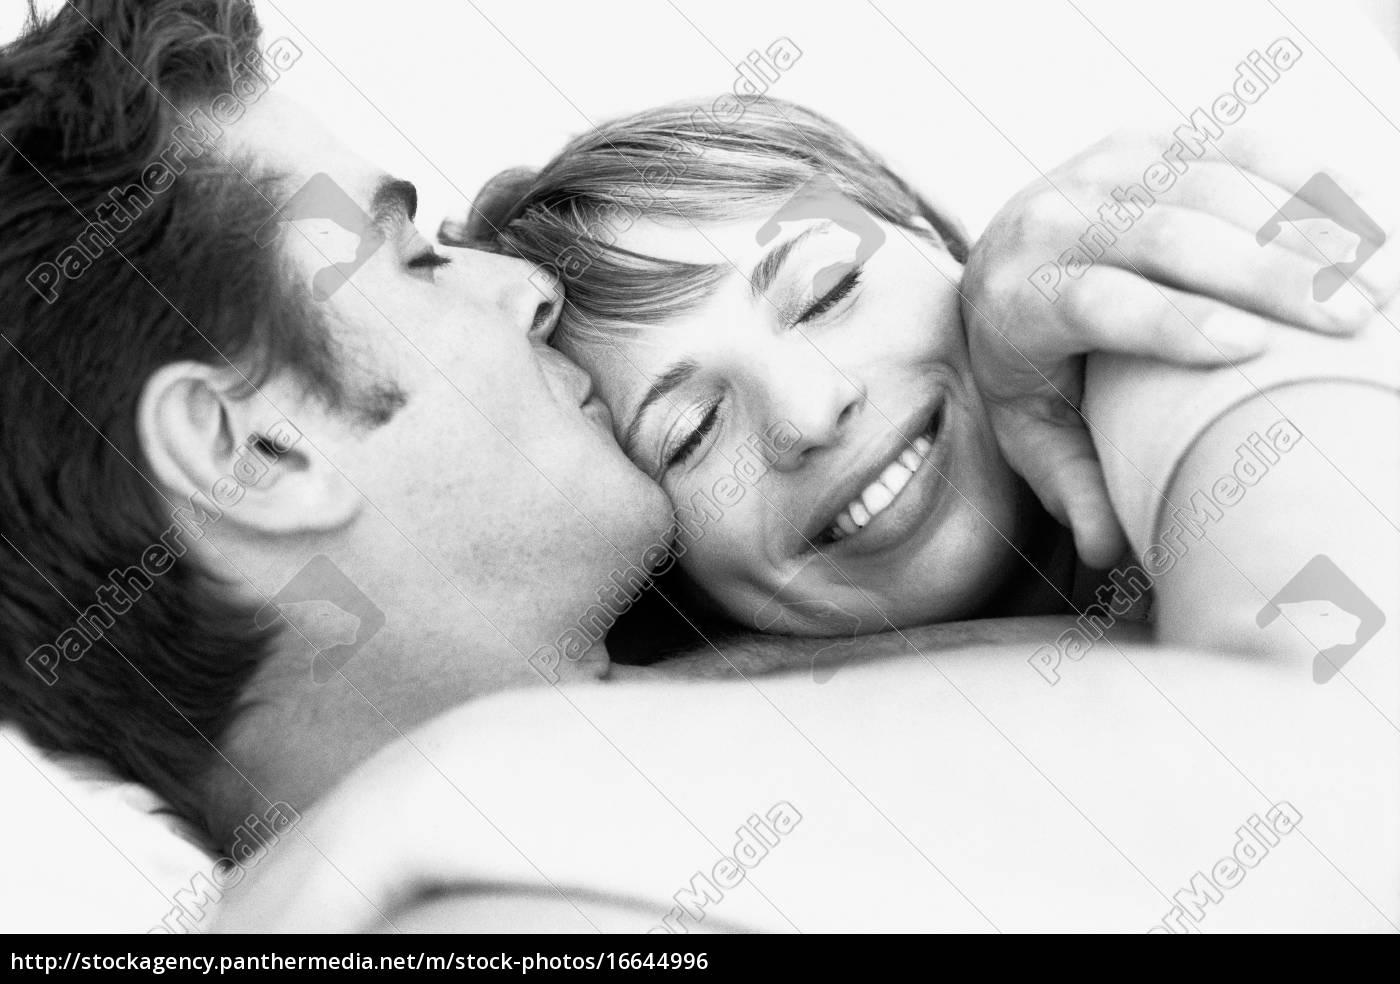 par, omfavner, mand, kysse, kvindens, pande, kvindens, øjne - 16644996